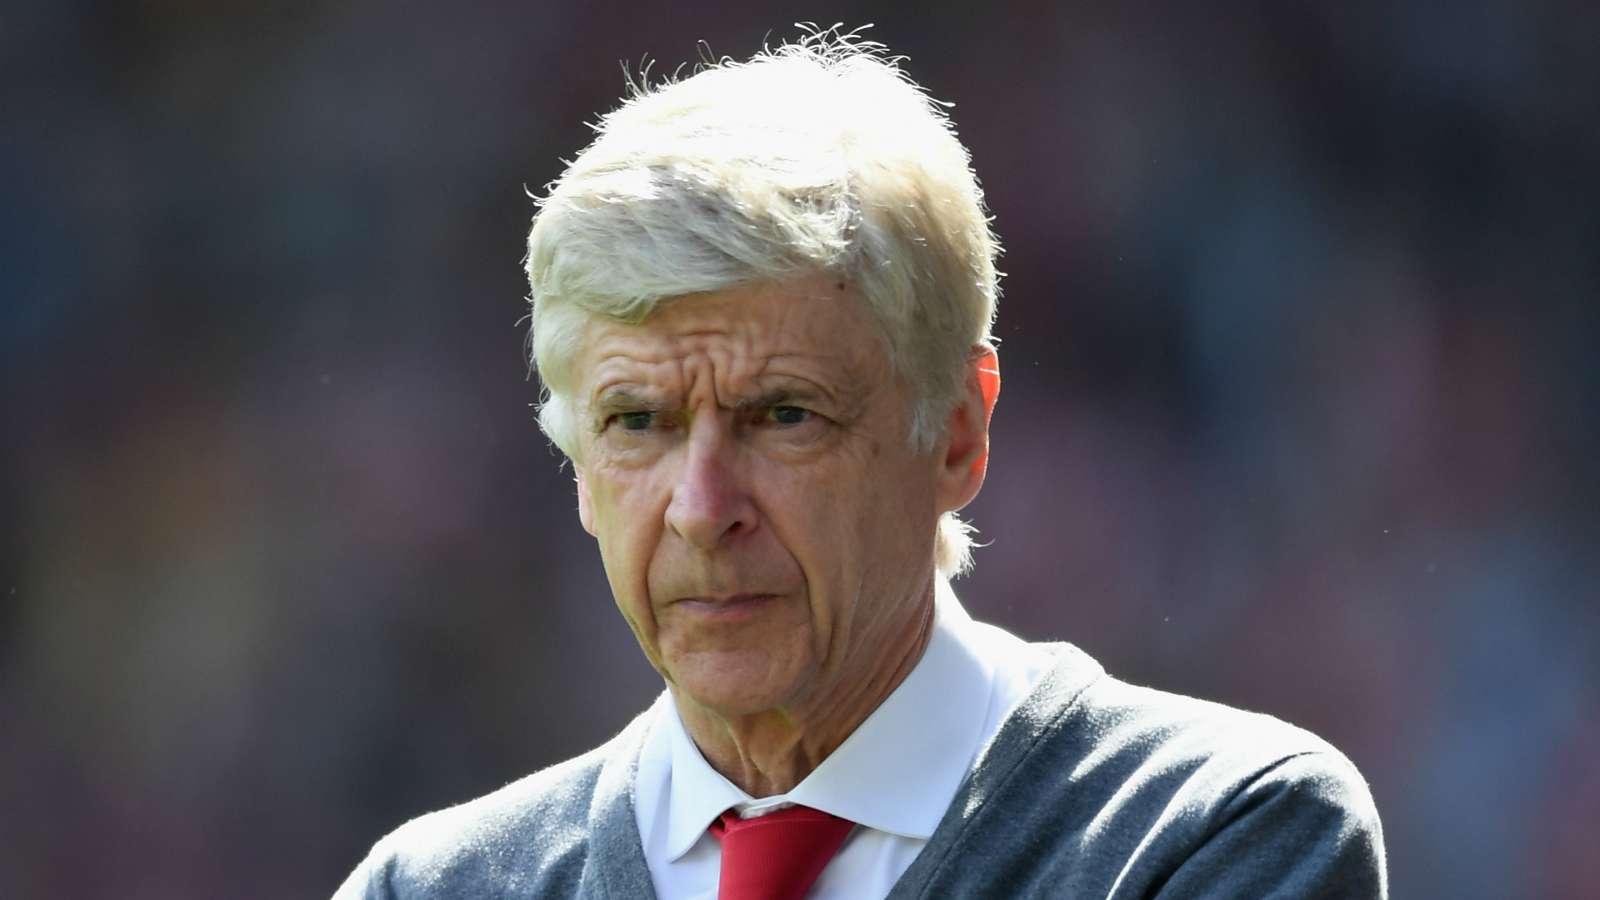 Trò cũ tố Wenger không đủ trình dẫn dắt PSG - Bóng Đá